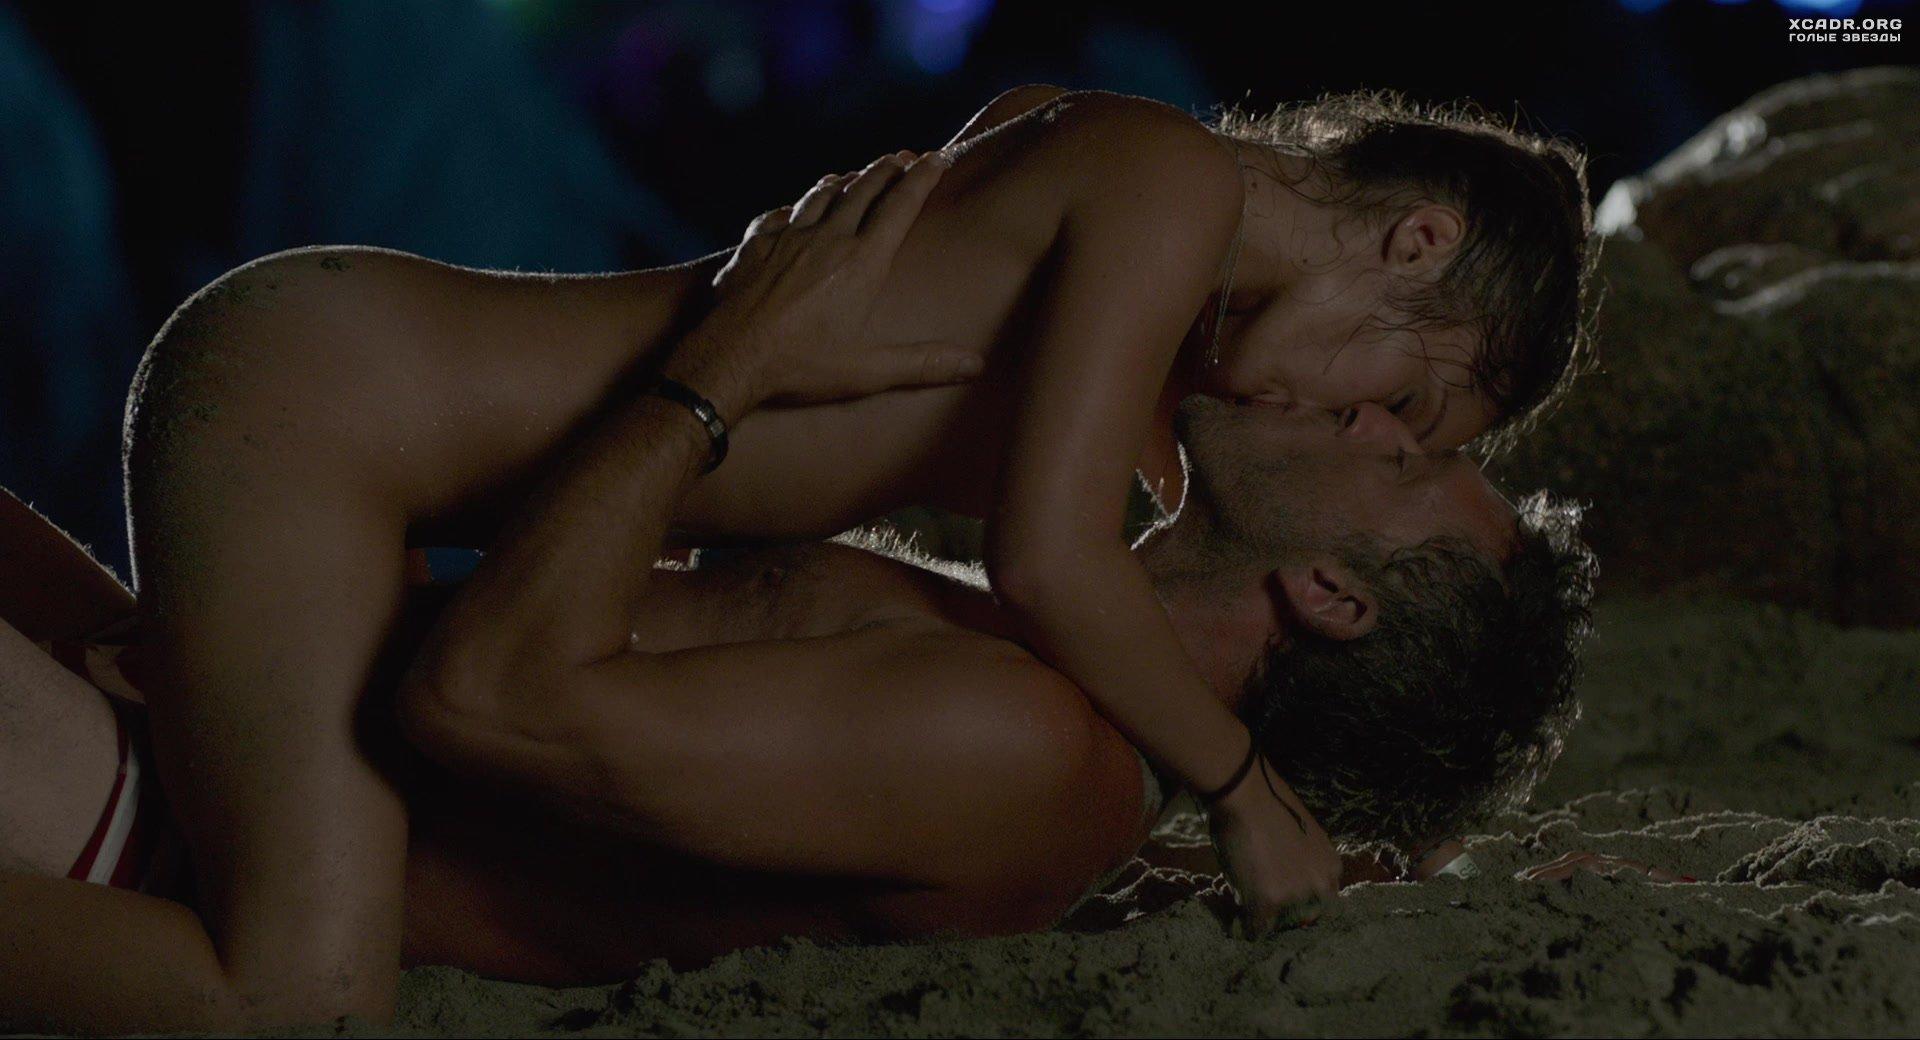 smotret-filmi-gde-akteri-realno-zanimayutsya-seksom